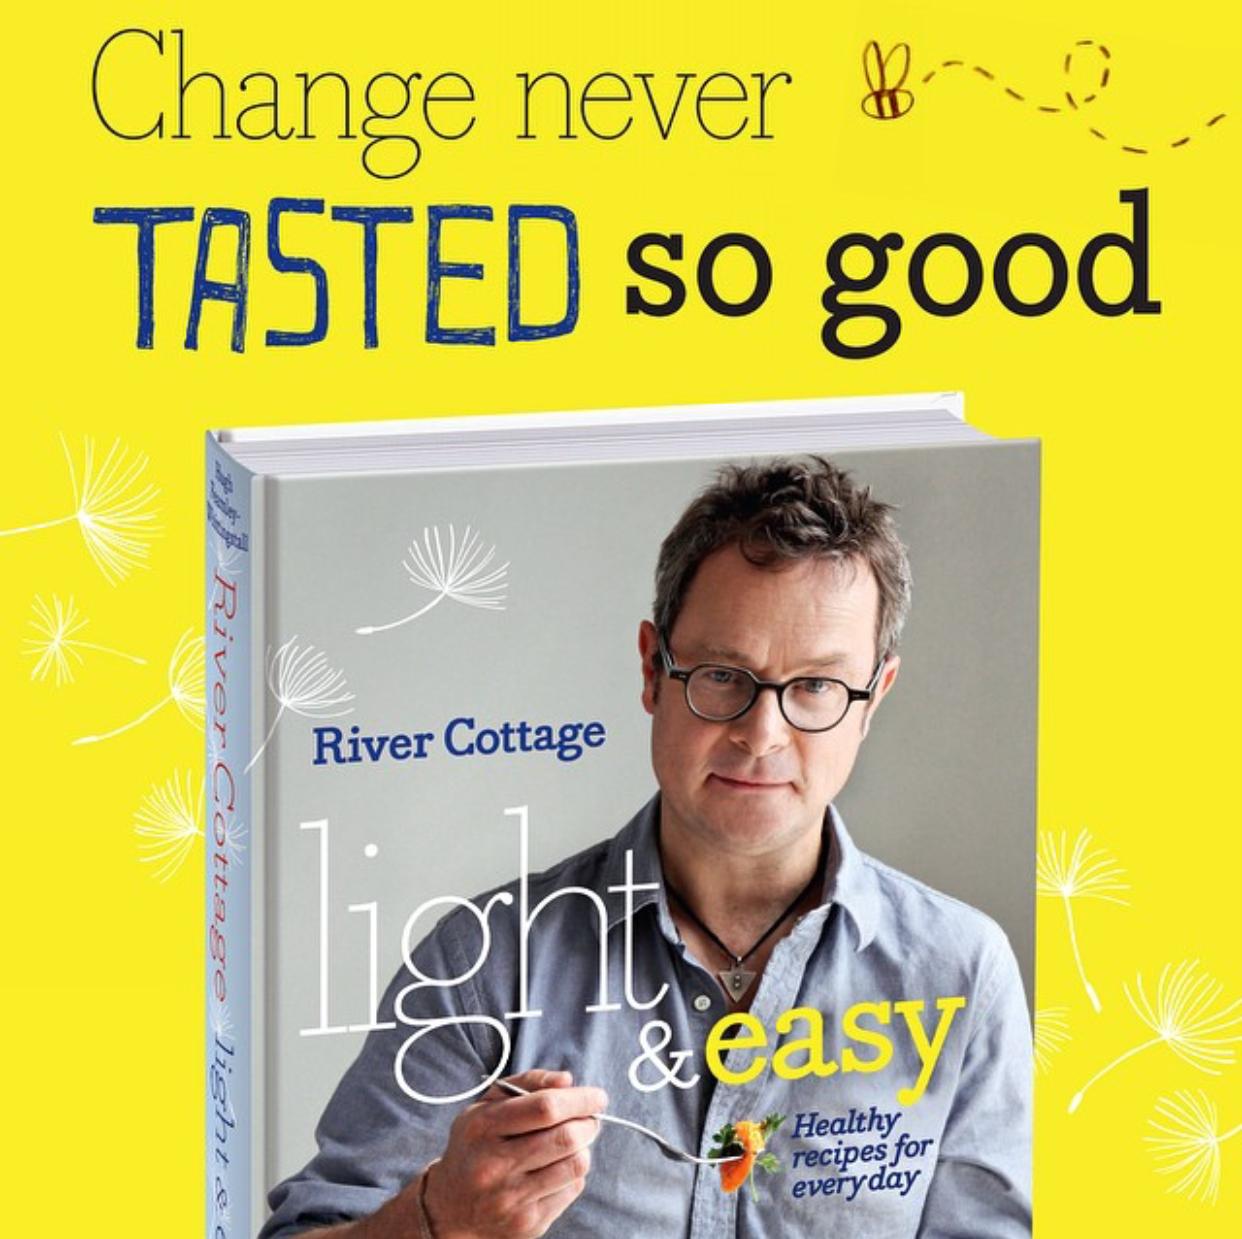 River Cottage light & easy cookbook